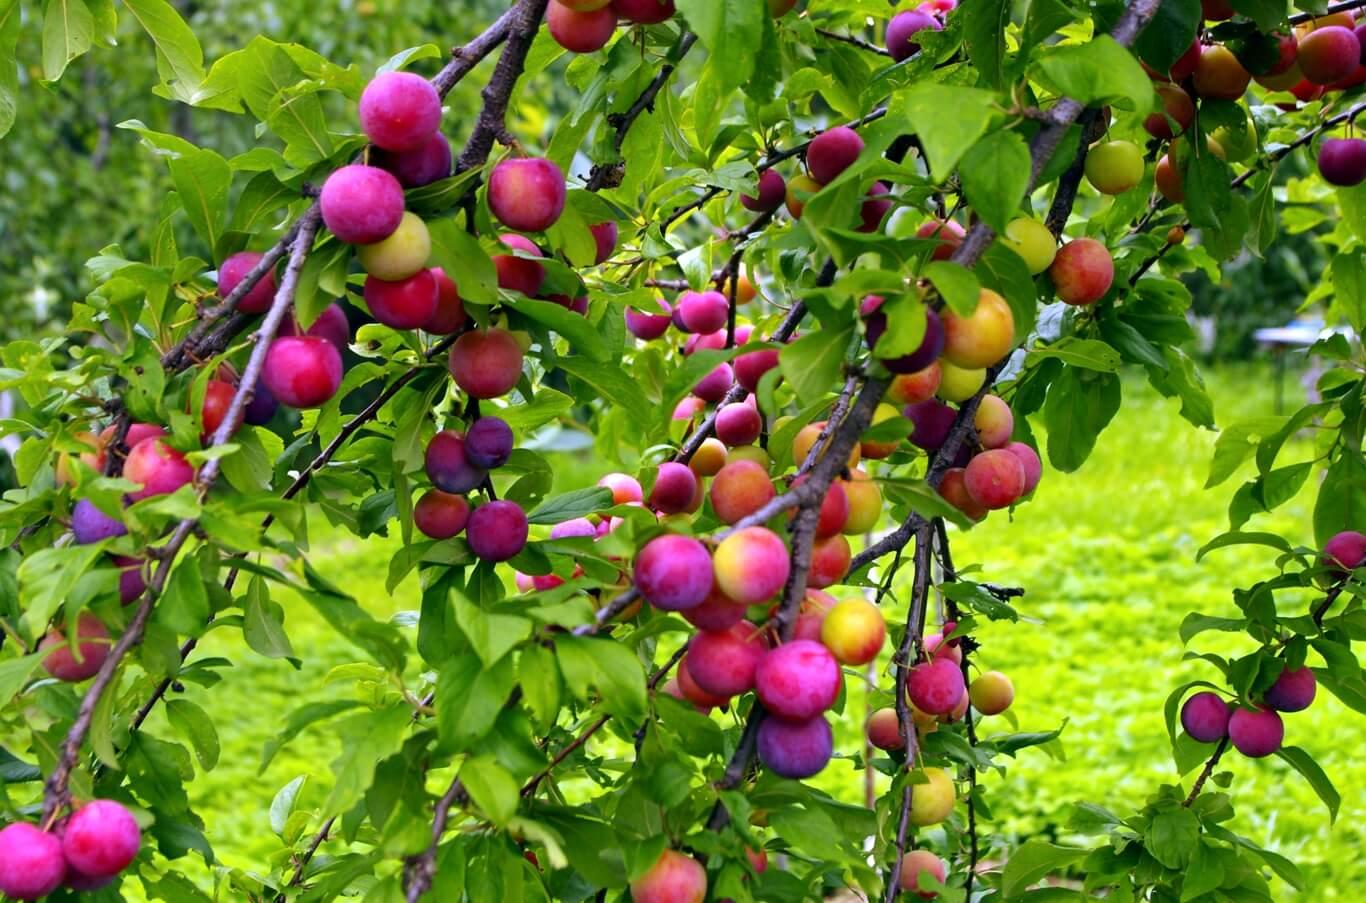 """Слива """"волжская красавица"""": описание сорта, характеристики и фото selo.guru — интернет портал о сельском хозяйстве"""